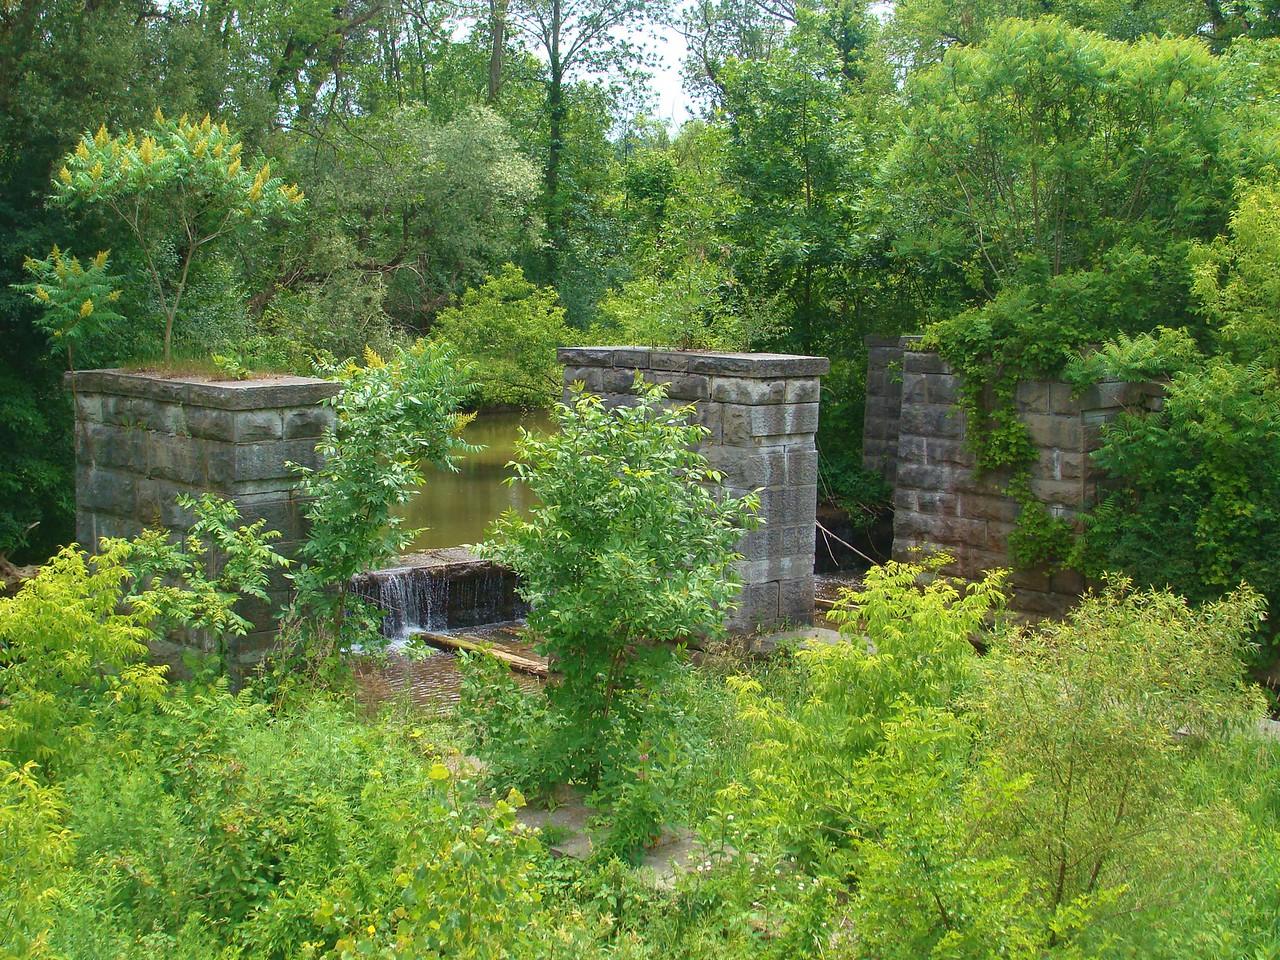 Old Centerport Aqueduct